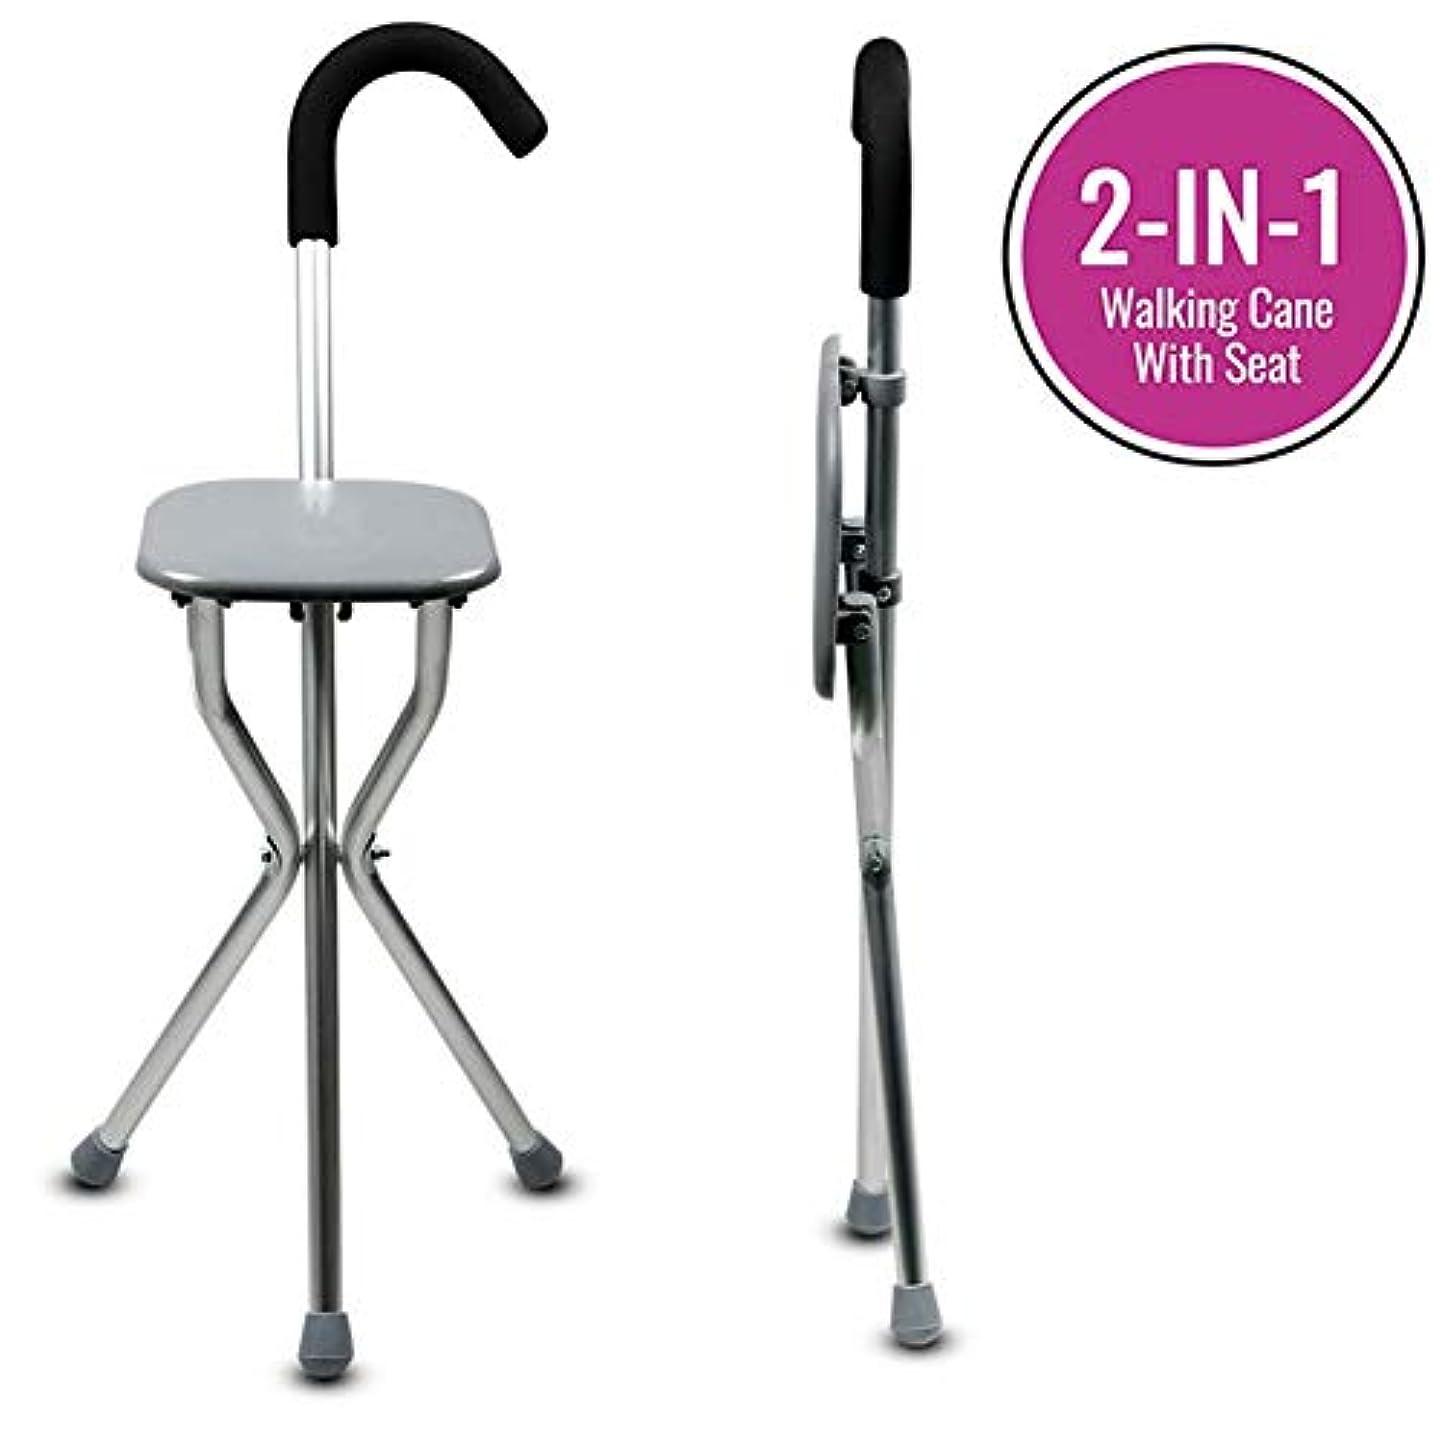 上簡略化する質素な旅のイベントのための偉大な杖席マッサージチェア杖の2in1超高負荷容量ウォーキング